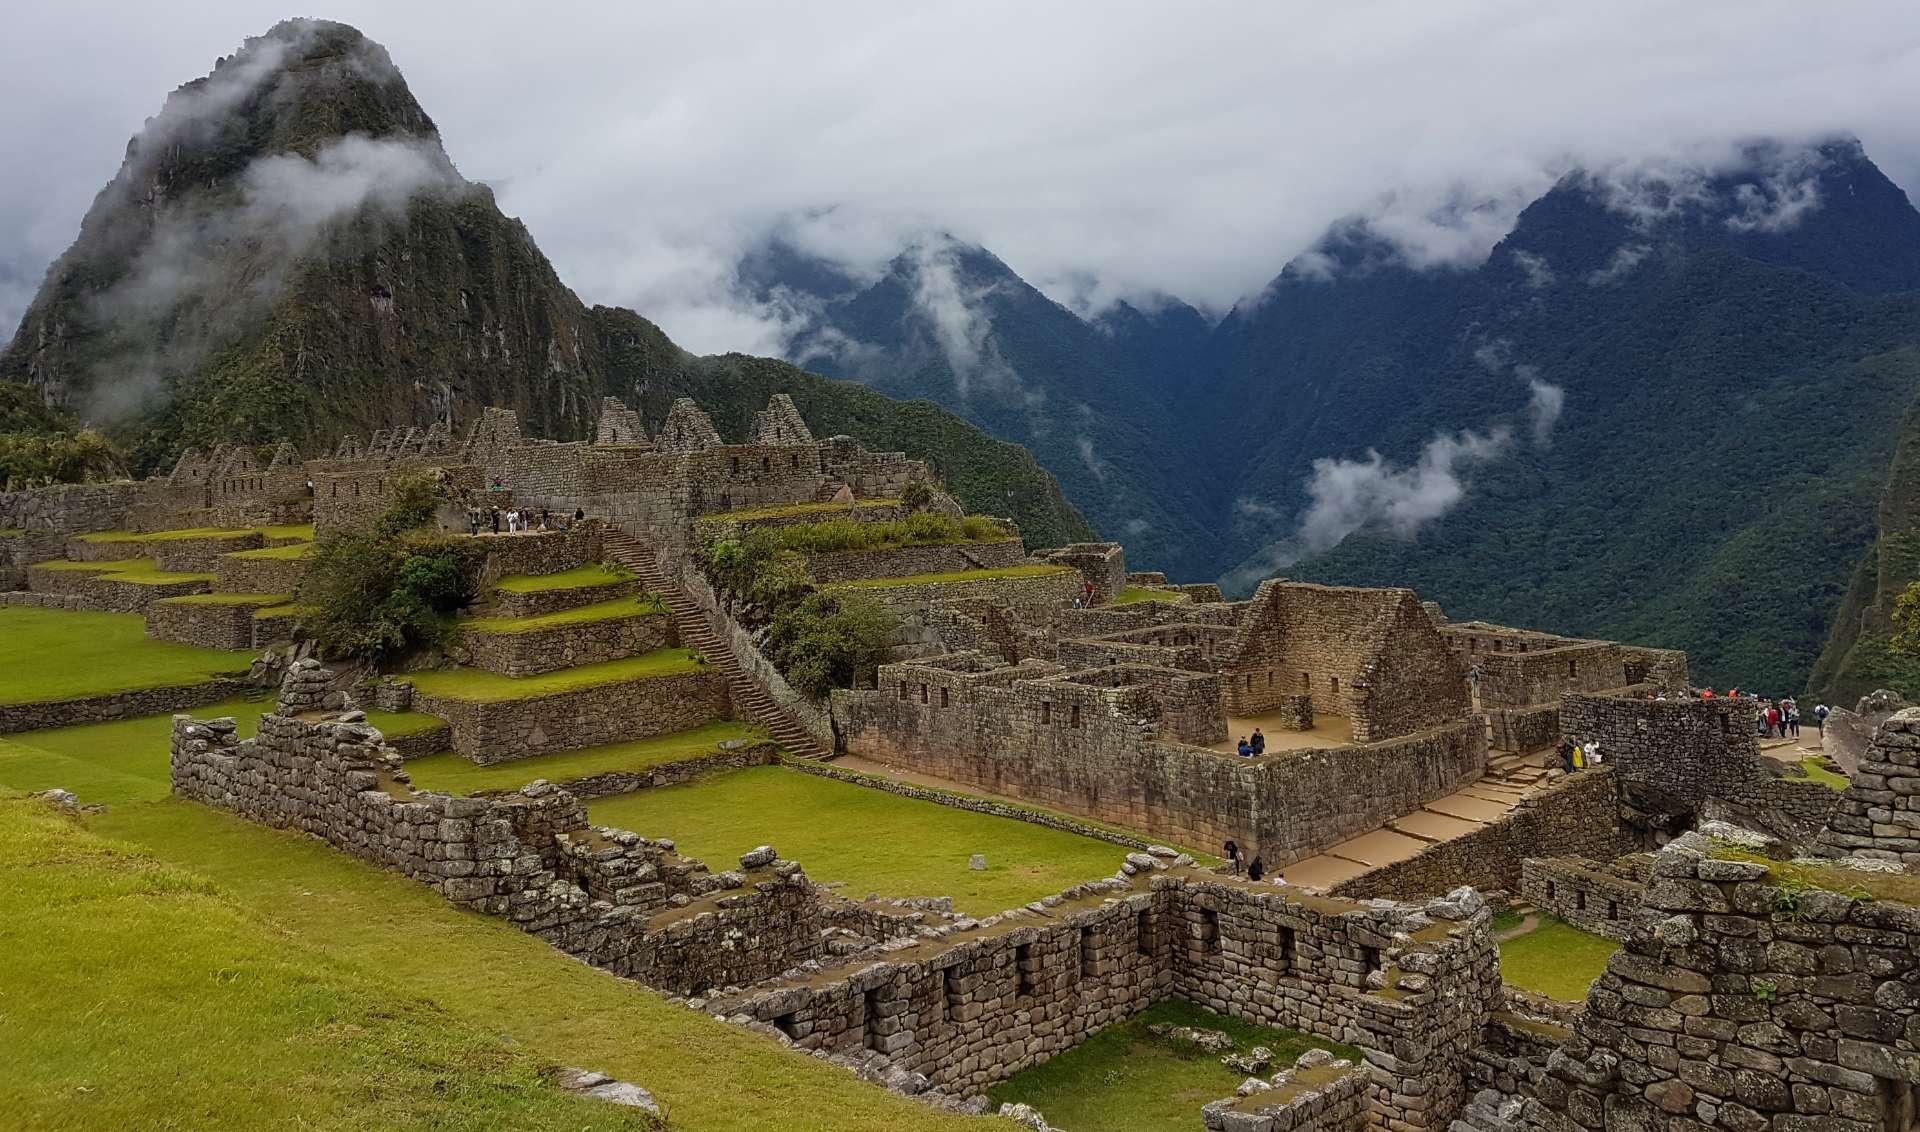 Machu Picchu Outpost Peru #2